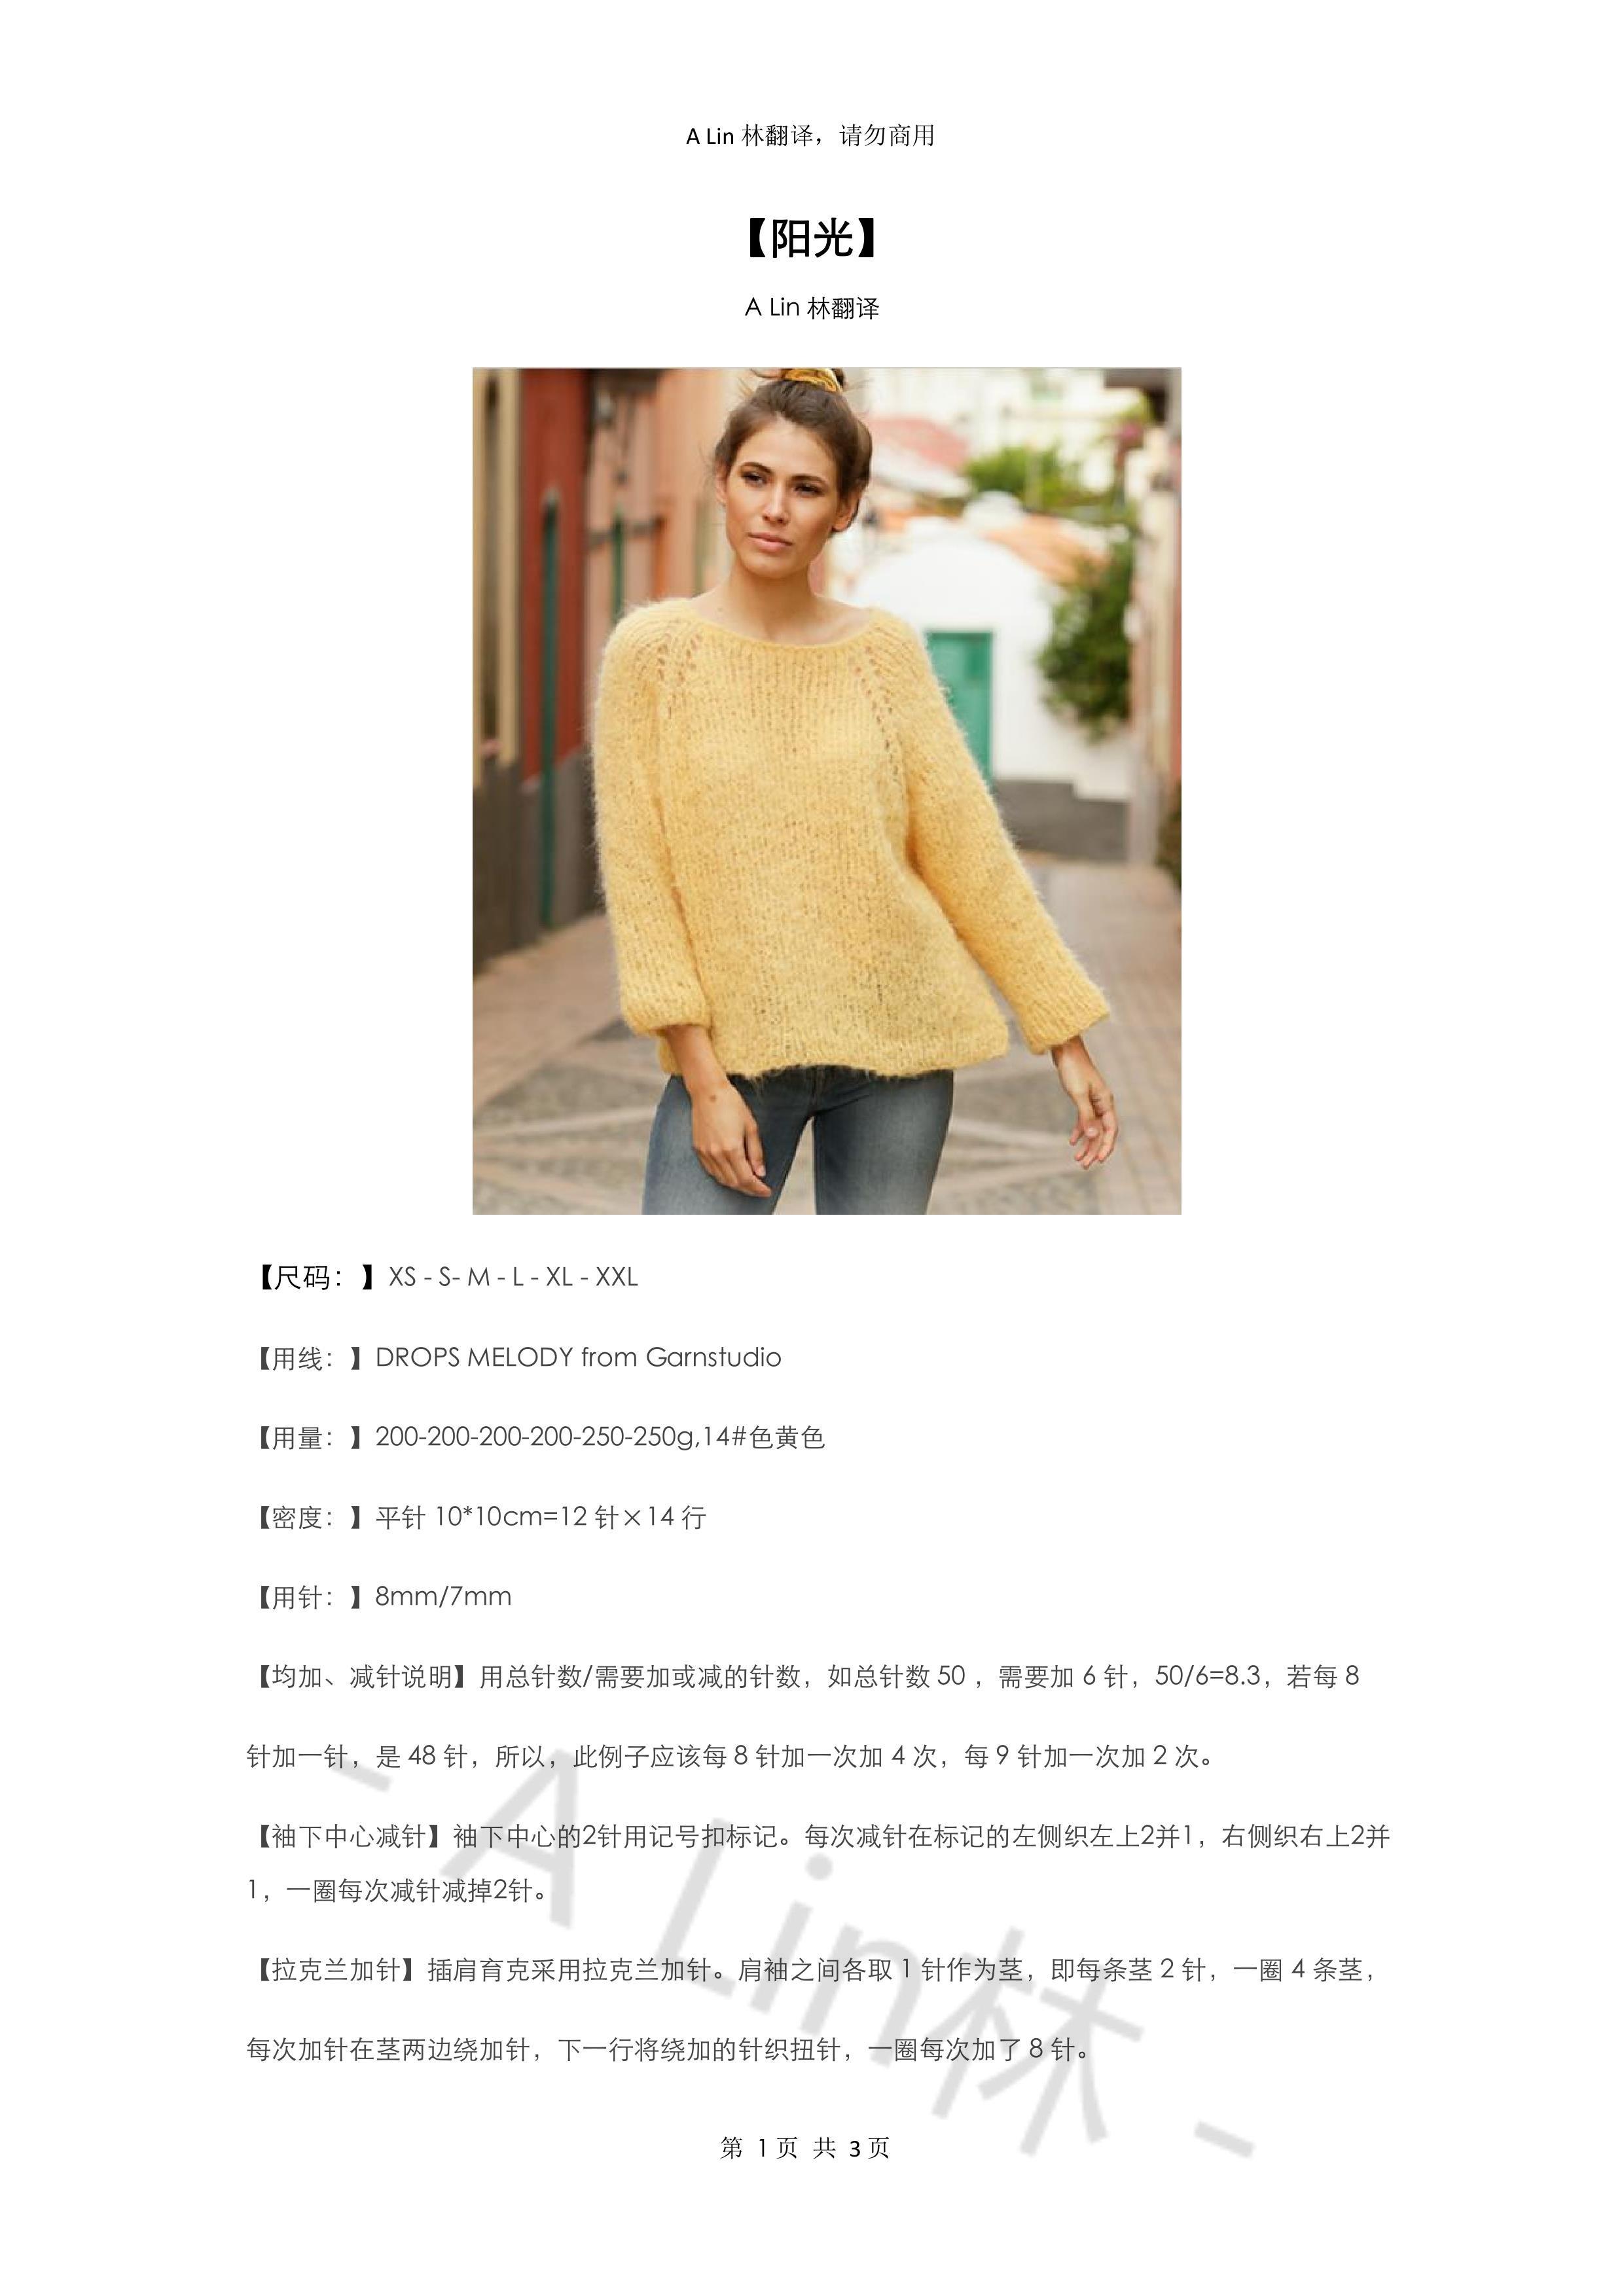 190803阳光-粗针羊驼羊毛插肩套头衫 (1).jpg